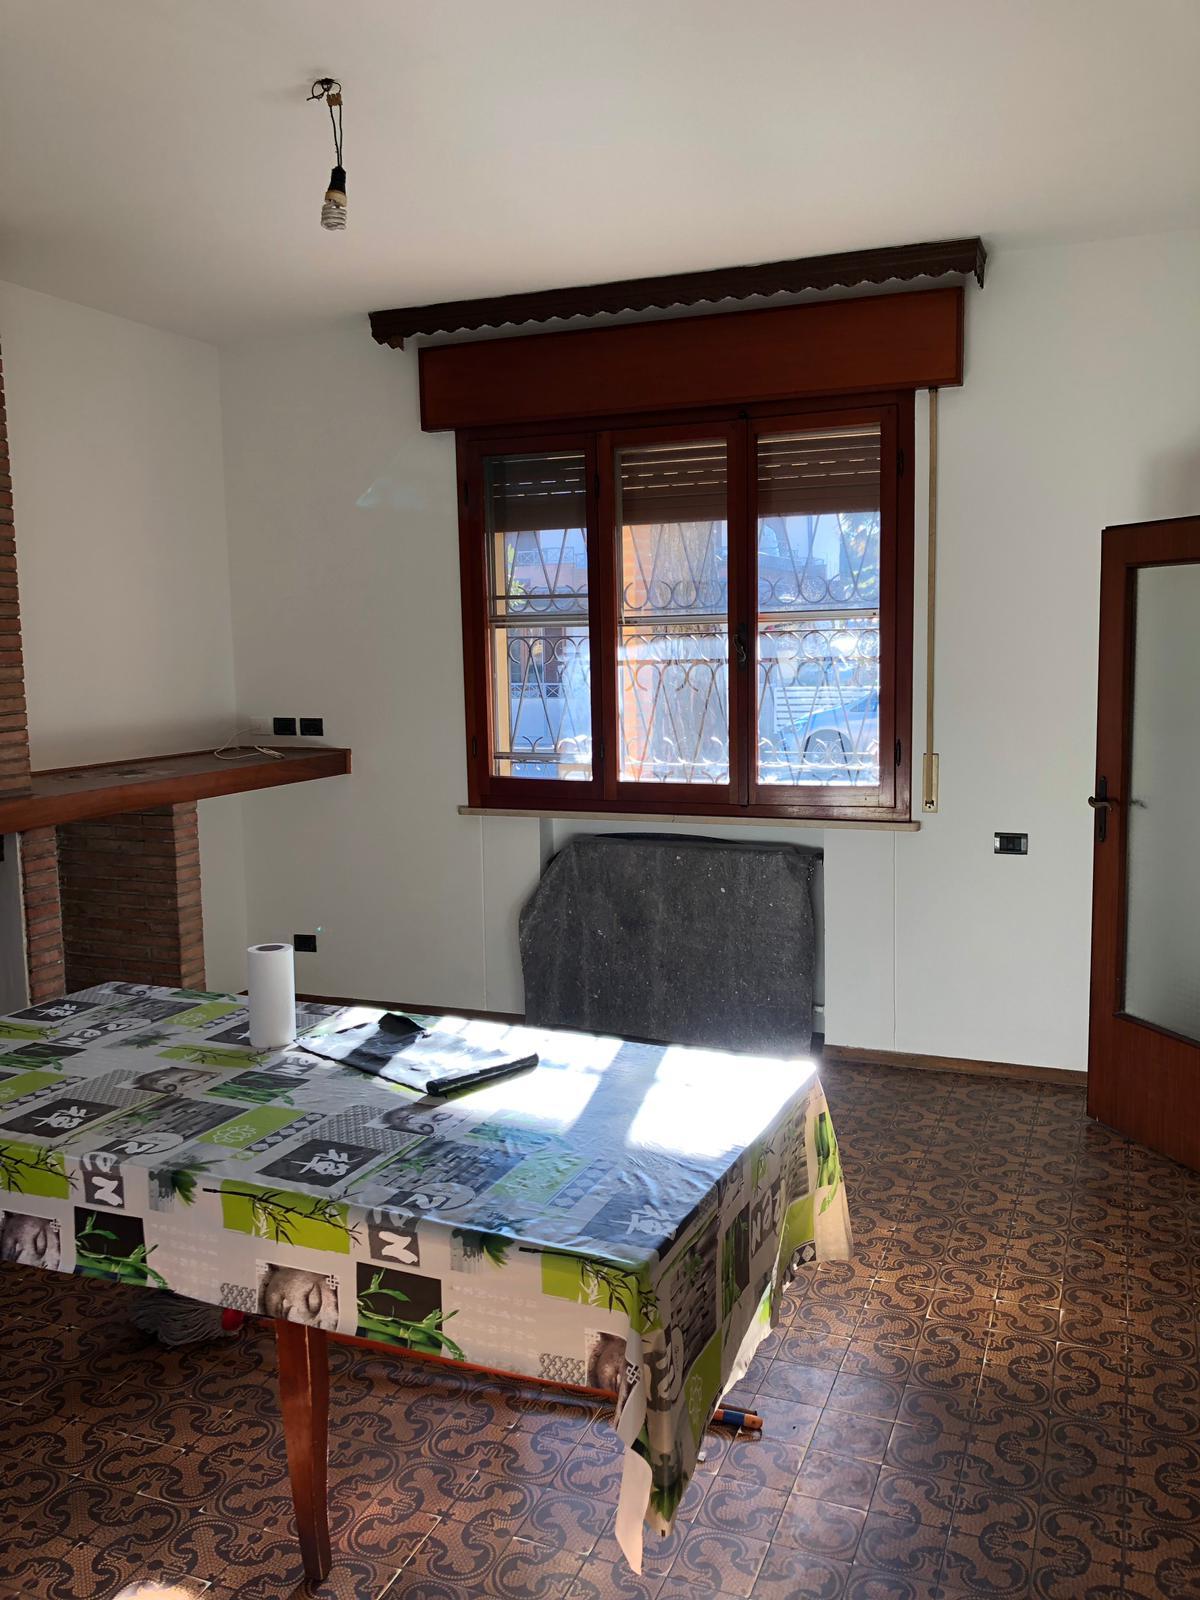 Villa a Schiera in vendita a Russi, 12 locali, zona Località: Russi, prezzo € 380.000   CambioCasa.it